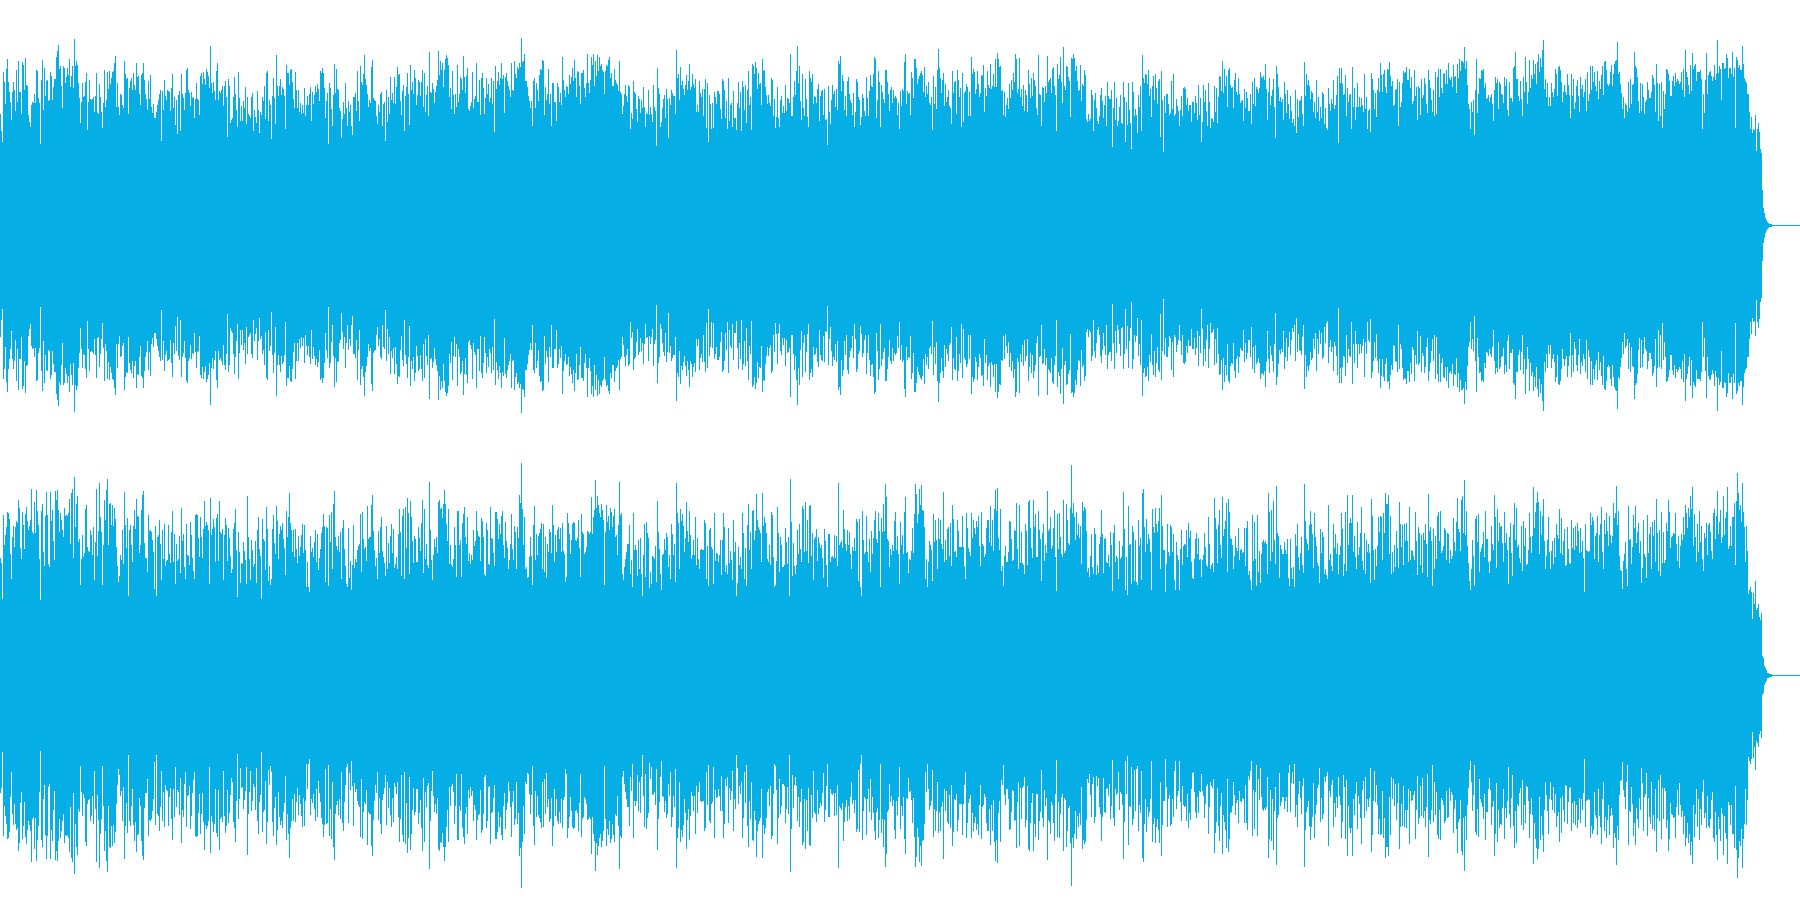 元気なテーマ・ポップス(フルサイズ)の再生済みの波形